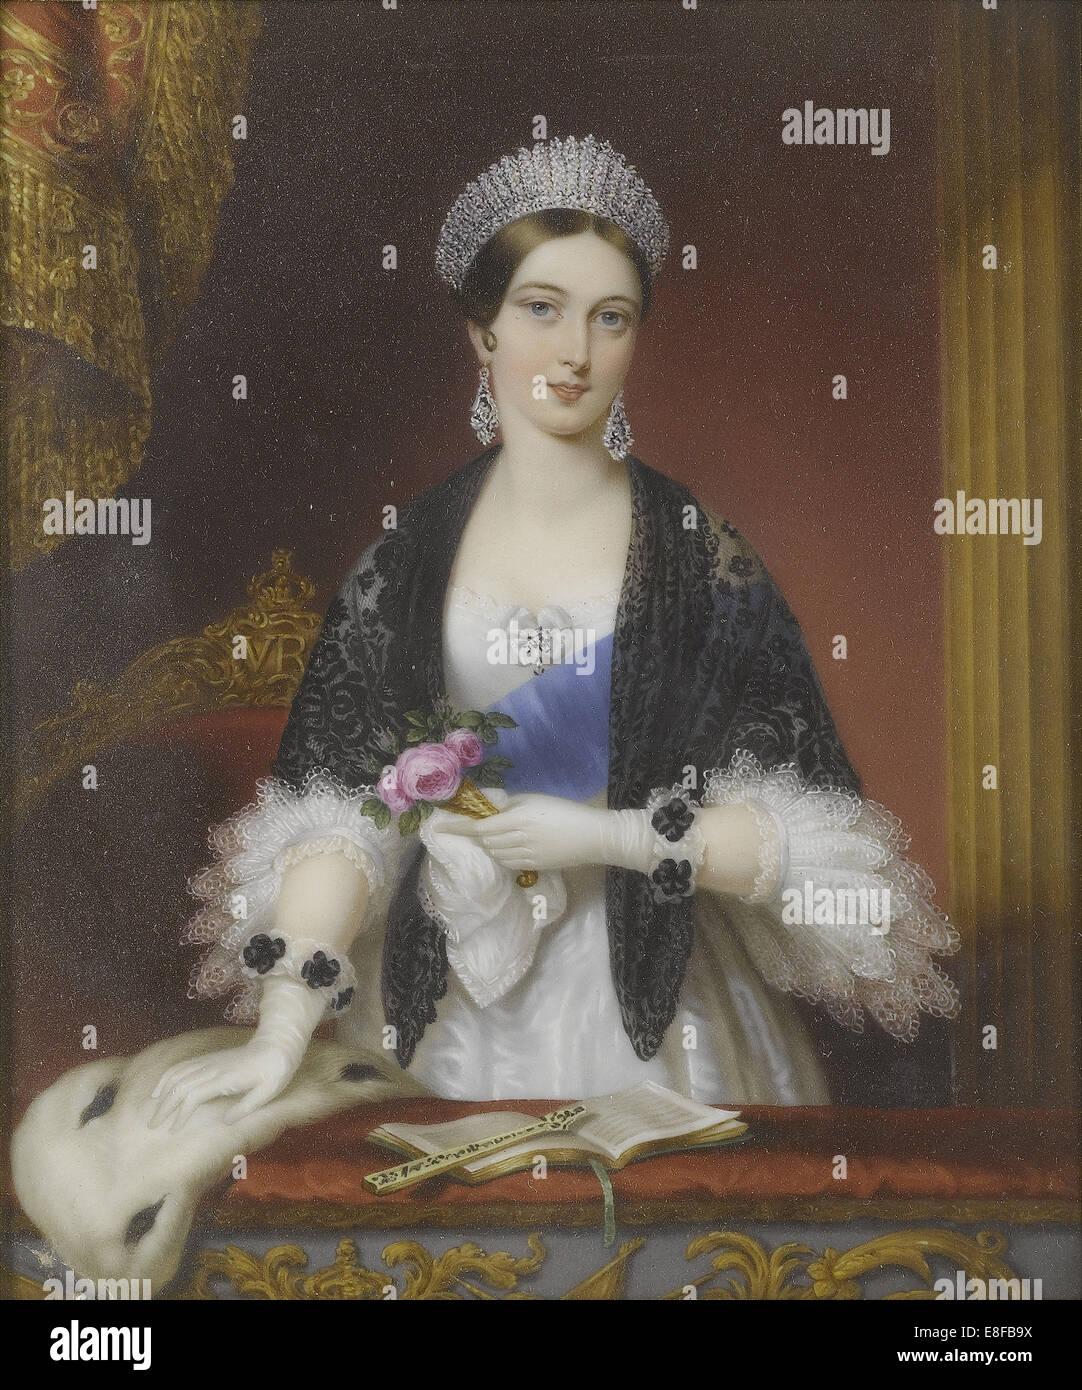 La reina Victoria en el Palco Real en el Drury Lane Theatre en noviembre de 1837. Artista: Liénard, Sophie Imagen De Stock